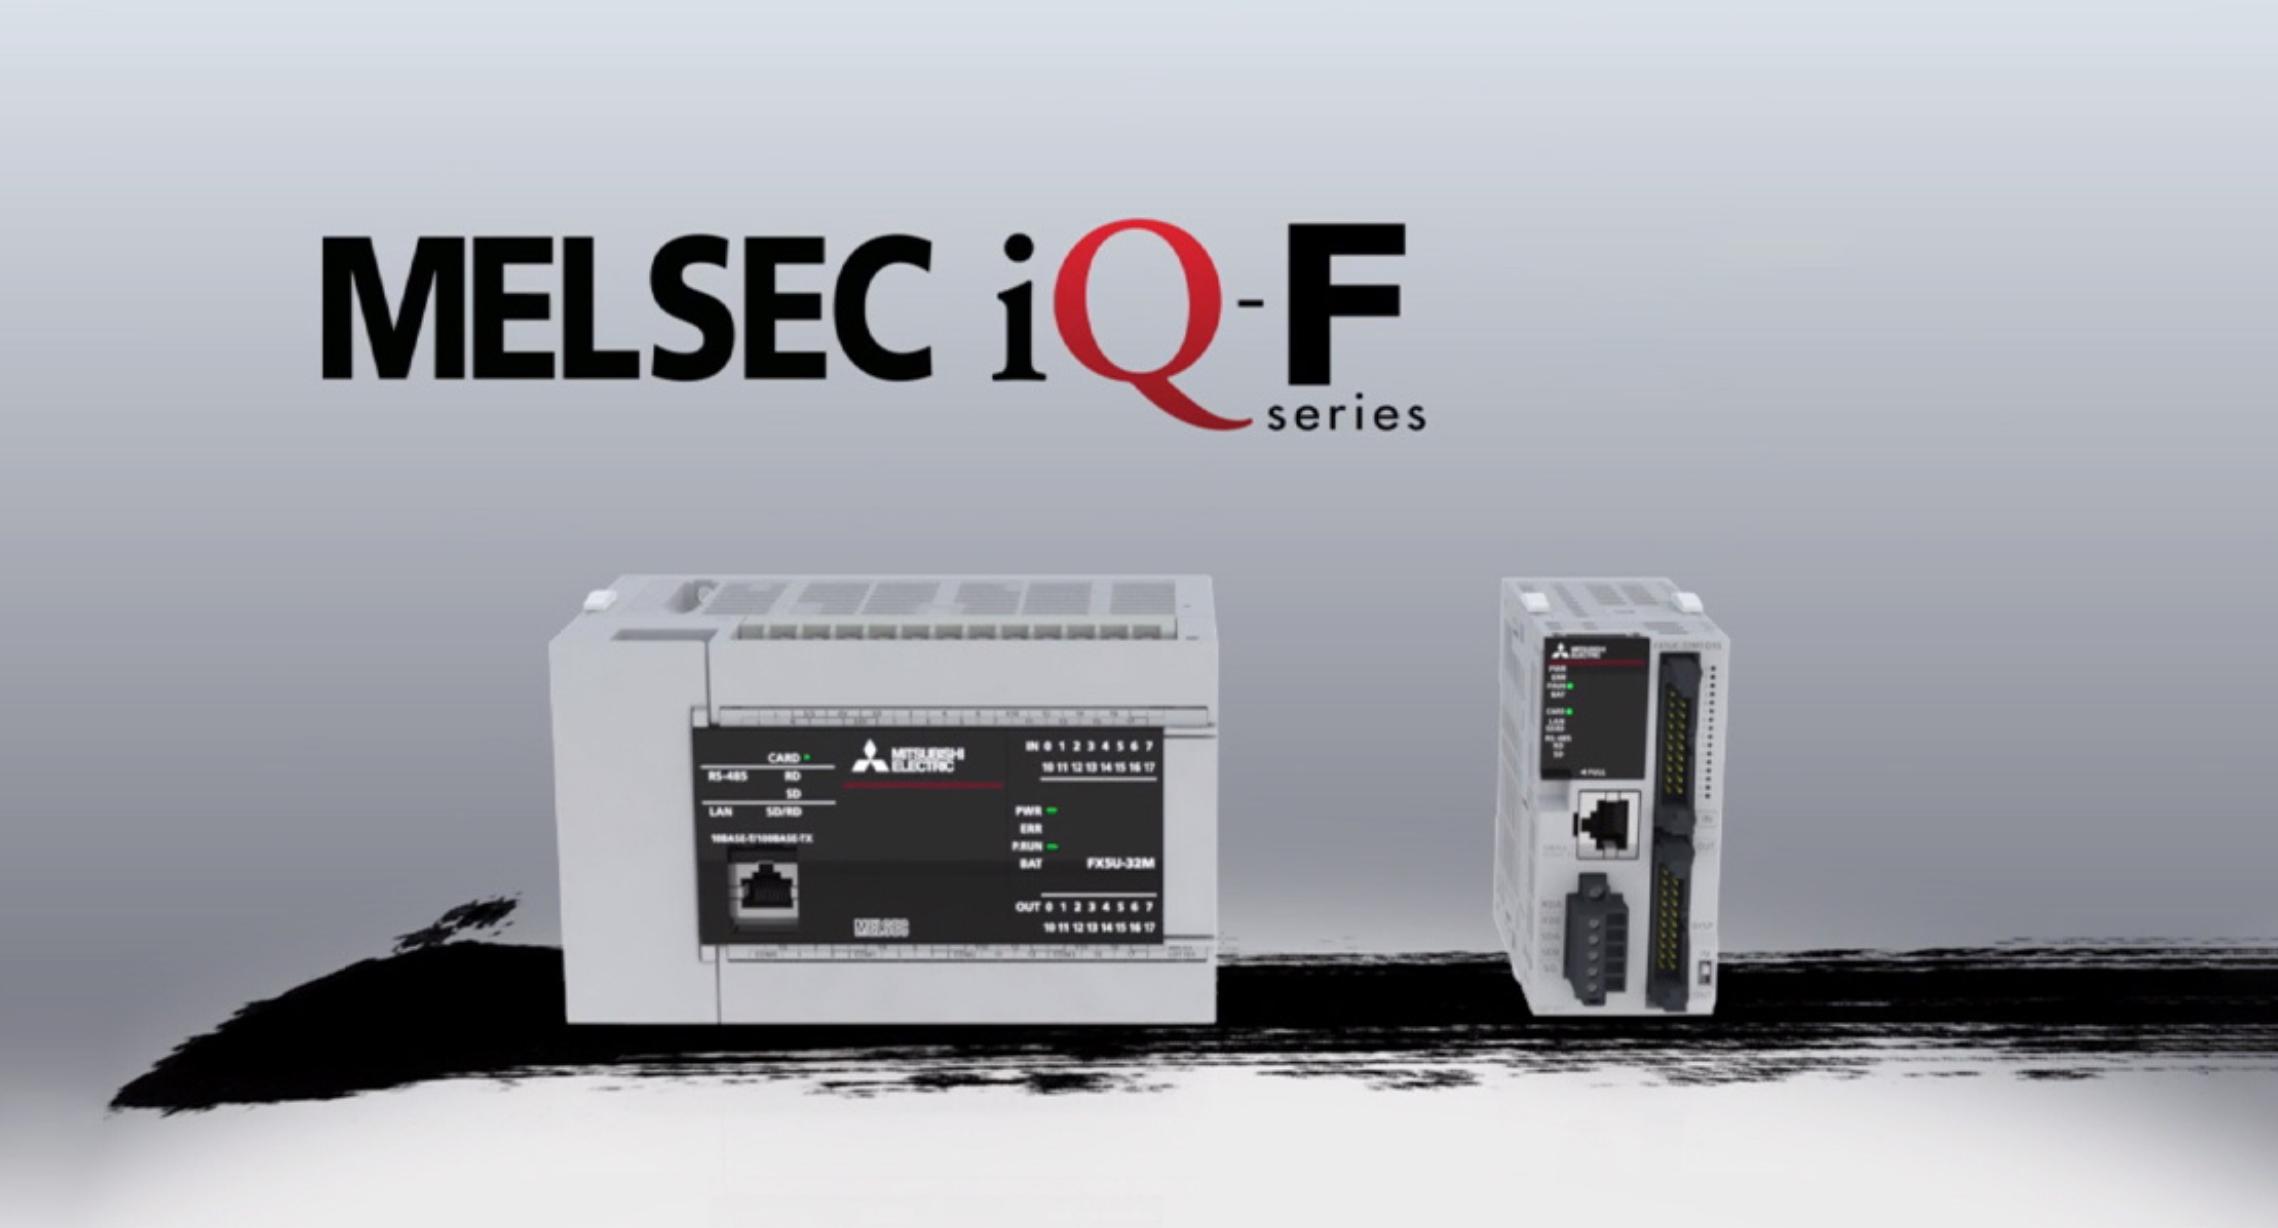 Mitsubishi Electric MELSEC iQ-F